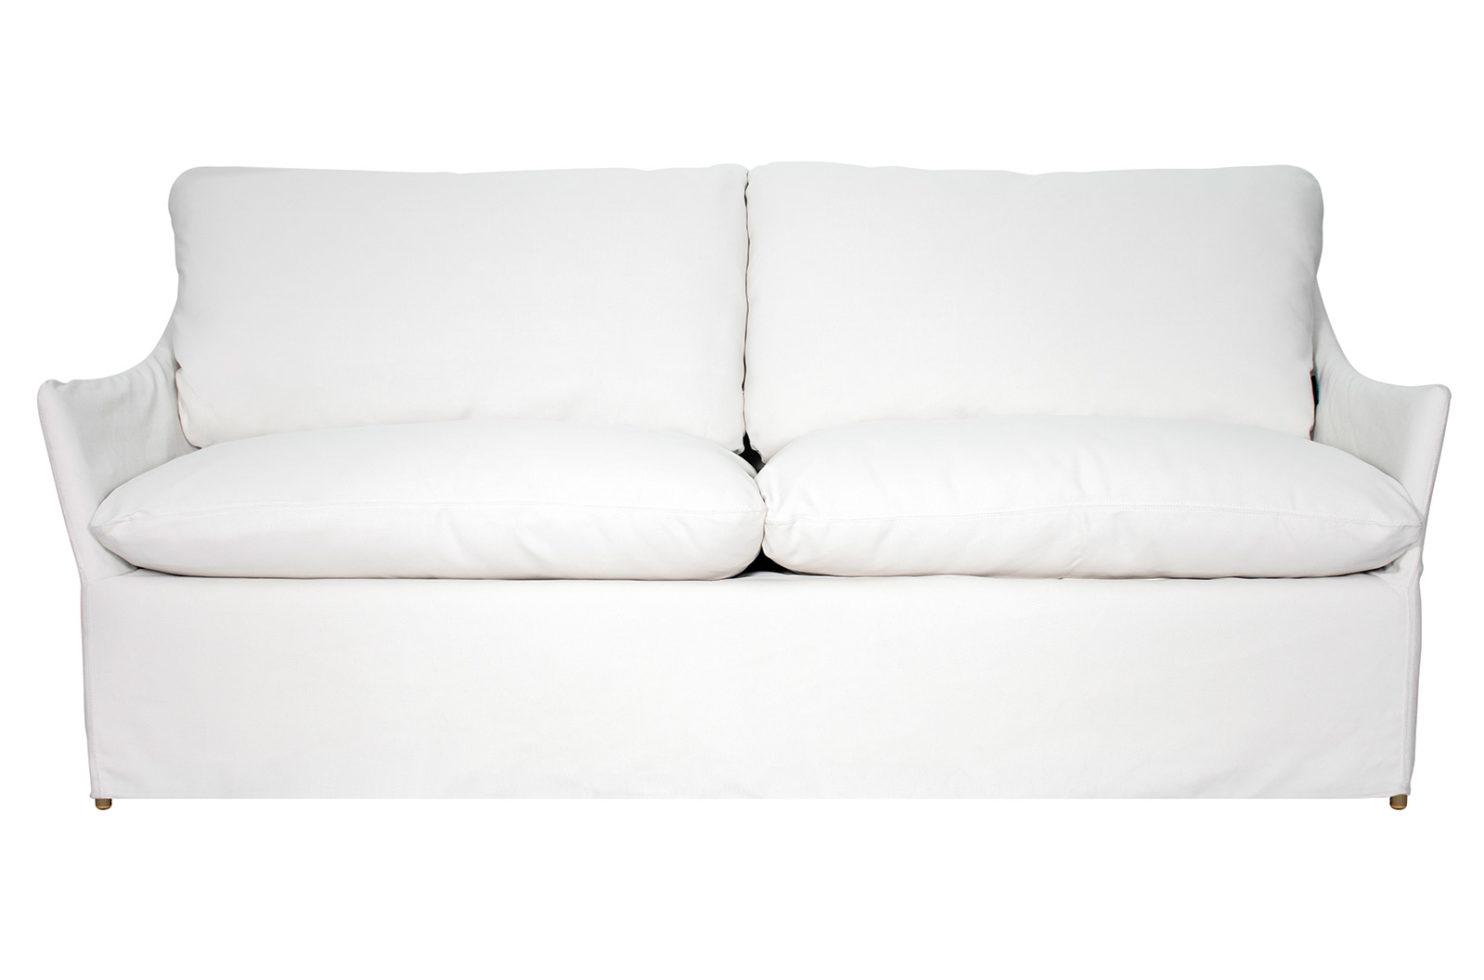 capri sofa 620FT094FC GW 1 front